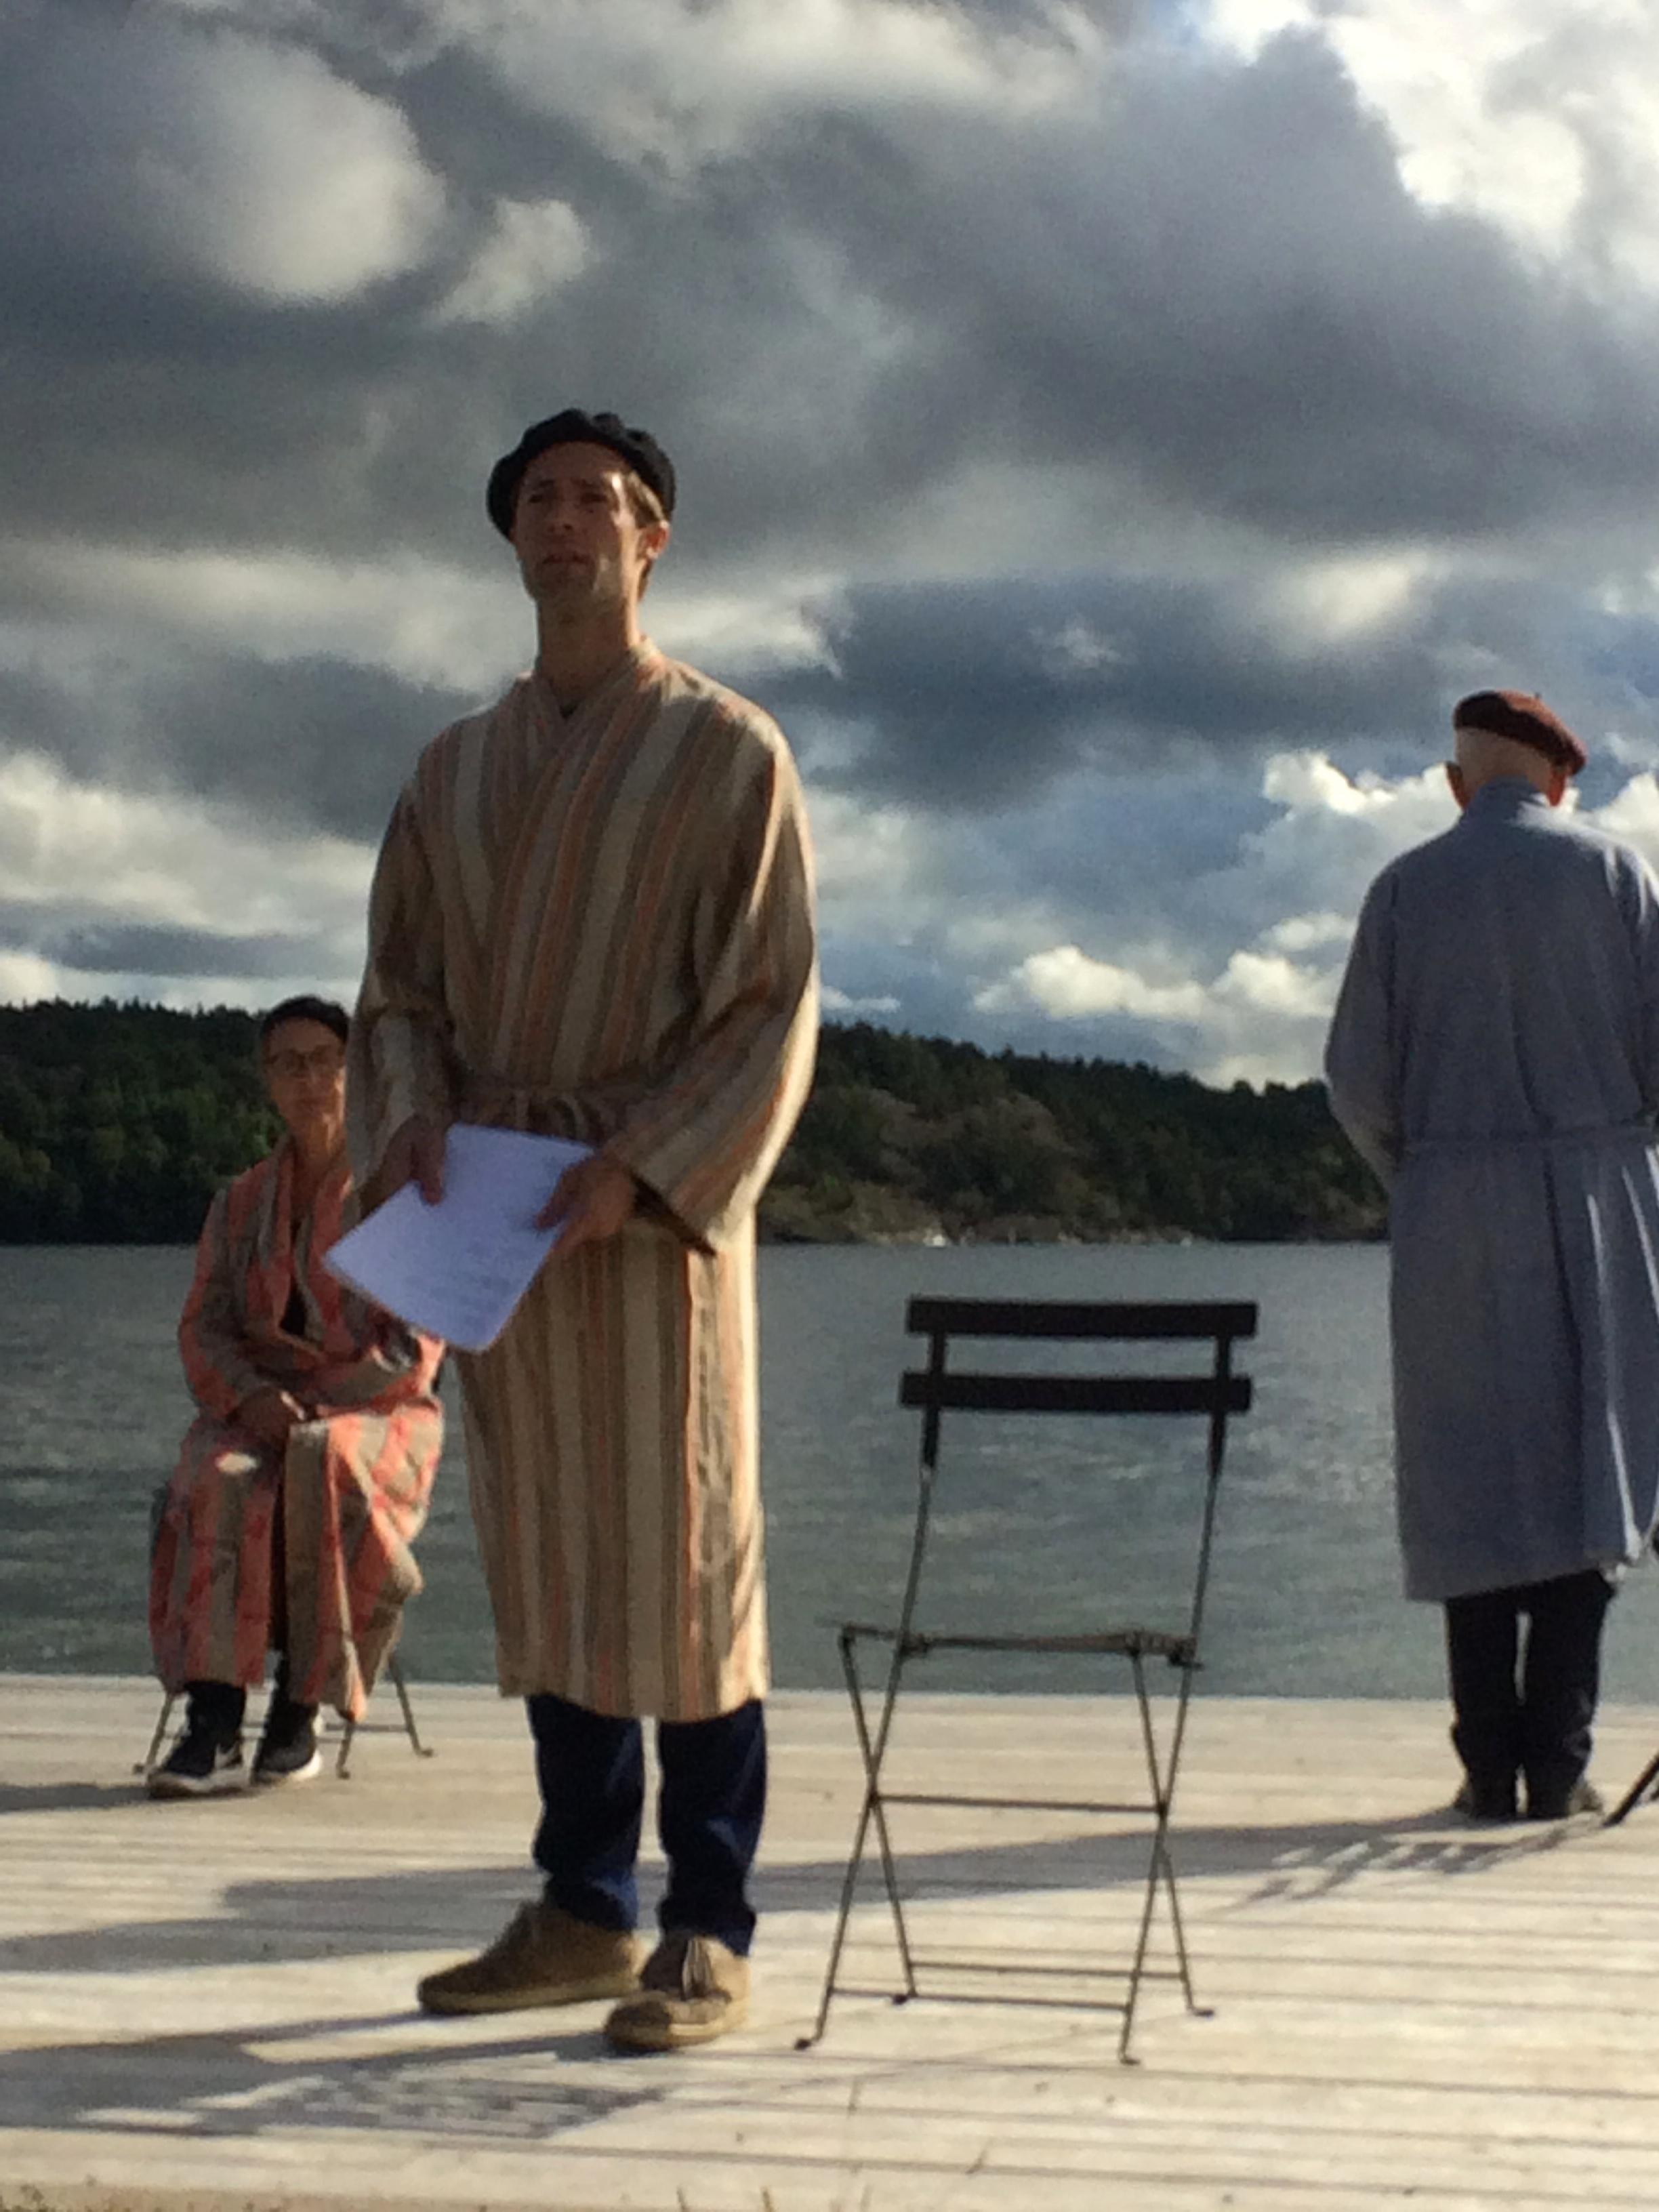 Framförandet av En Mölna-Elegi på plats den 17 september blev mycket lyckat. Medverkade gjorde Henric Holmberg (som även stod för bearbetningen), Paula Brandt, Mikael Saedén och Sonja Lund. Spelledare och animatör var Anders Mortensen. Föreställningen togs upp på video och publiceras under hösten.